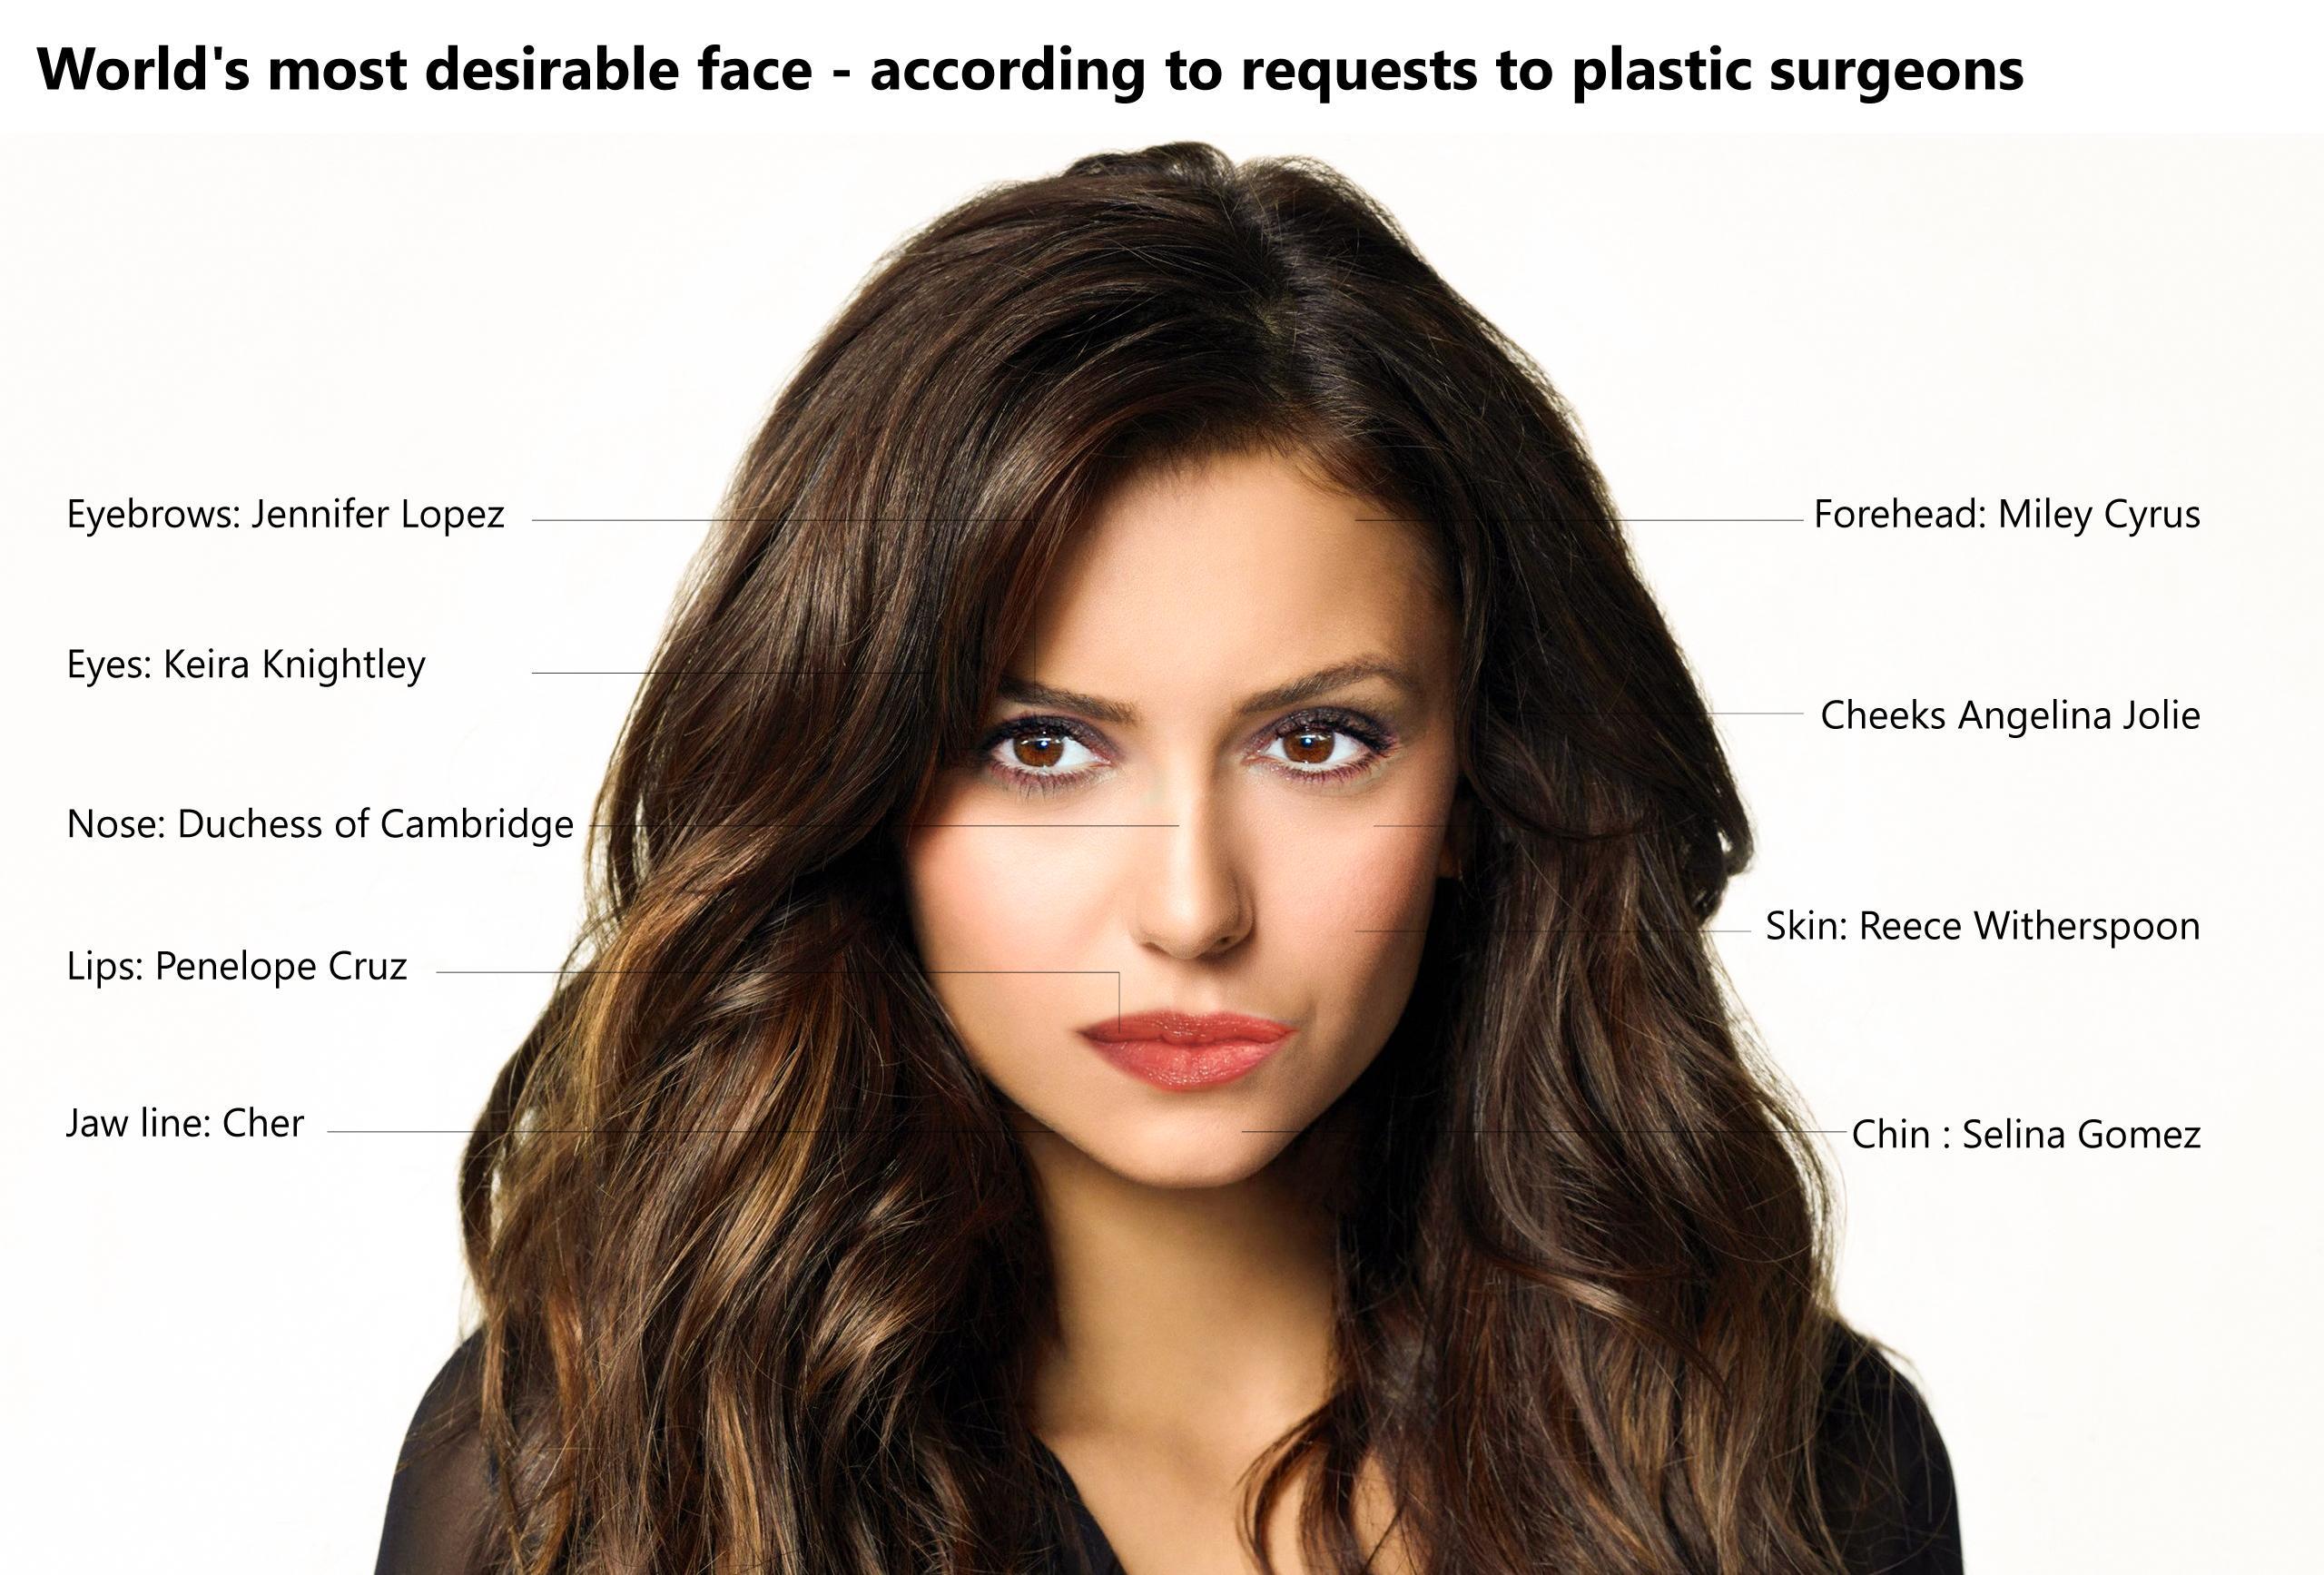 Хирург составил идеальное женское лицо из черт знаменитостей